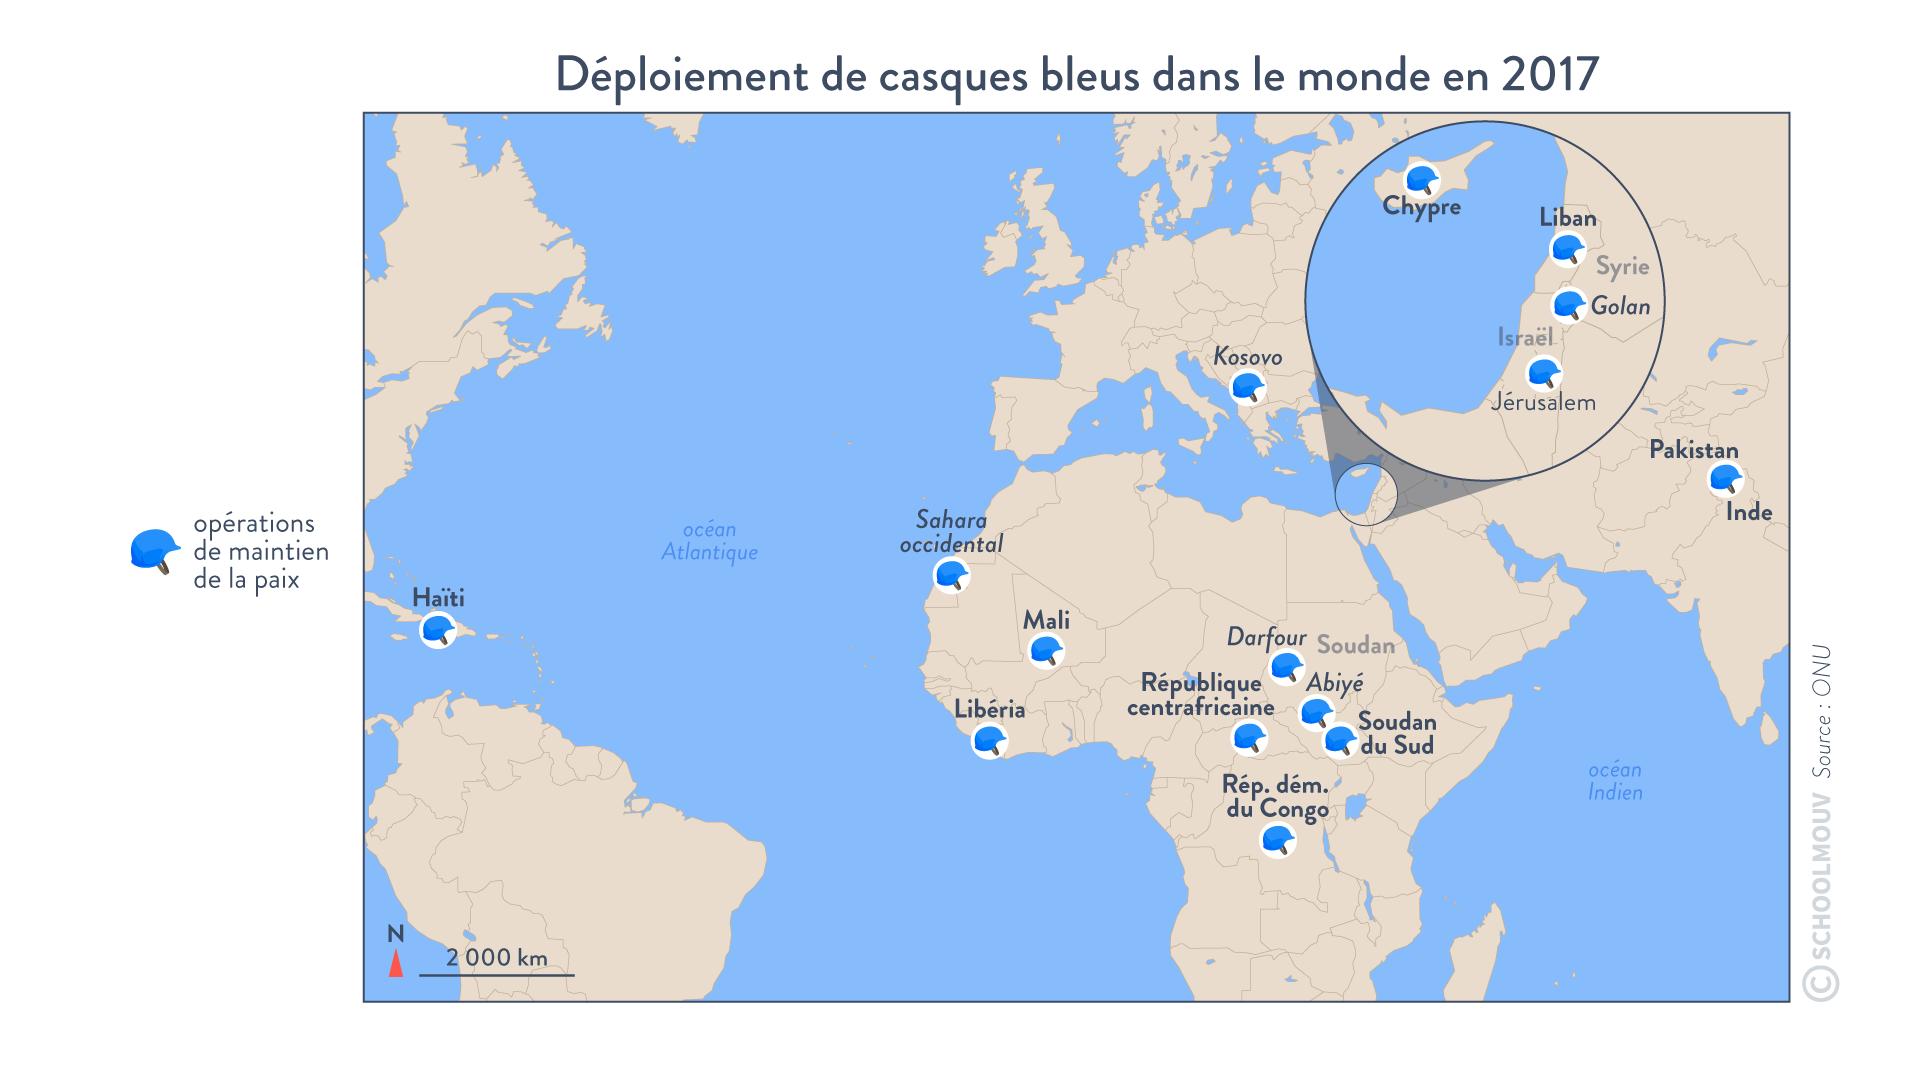 Déploiement des casques bleus dans le monde en2017 faire la guerre faire la paix histoire géographie géopolitique et sciences politiques terminale